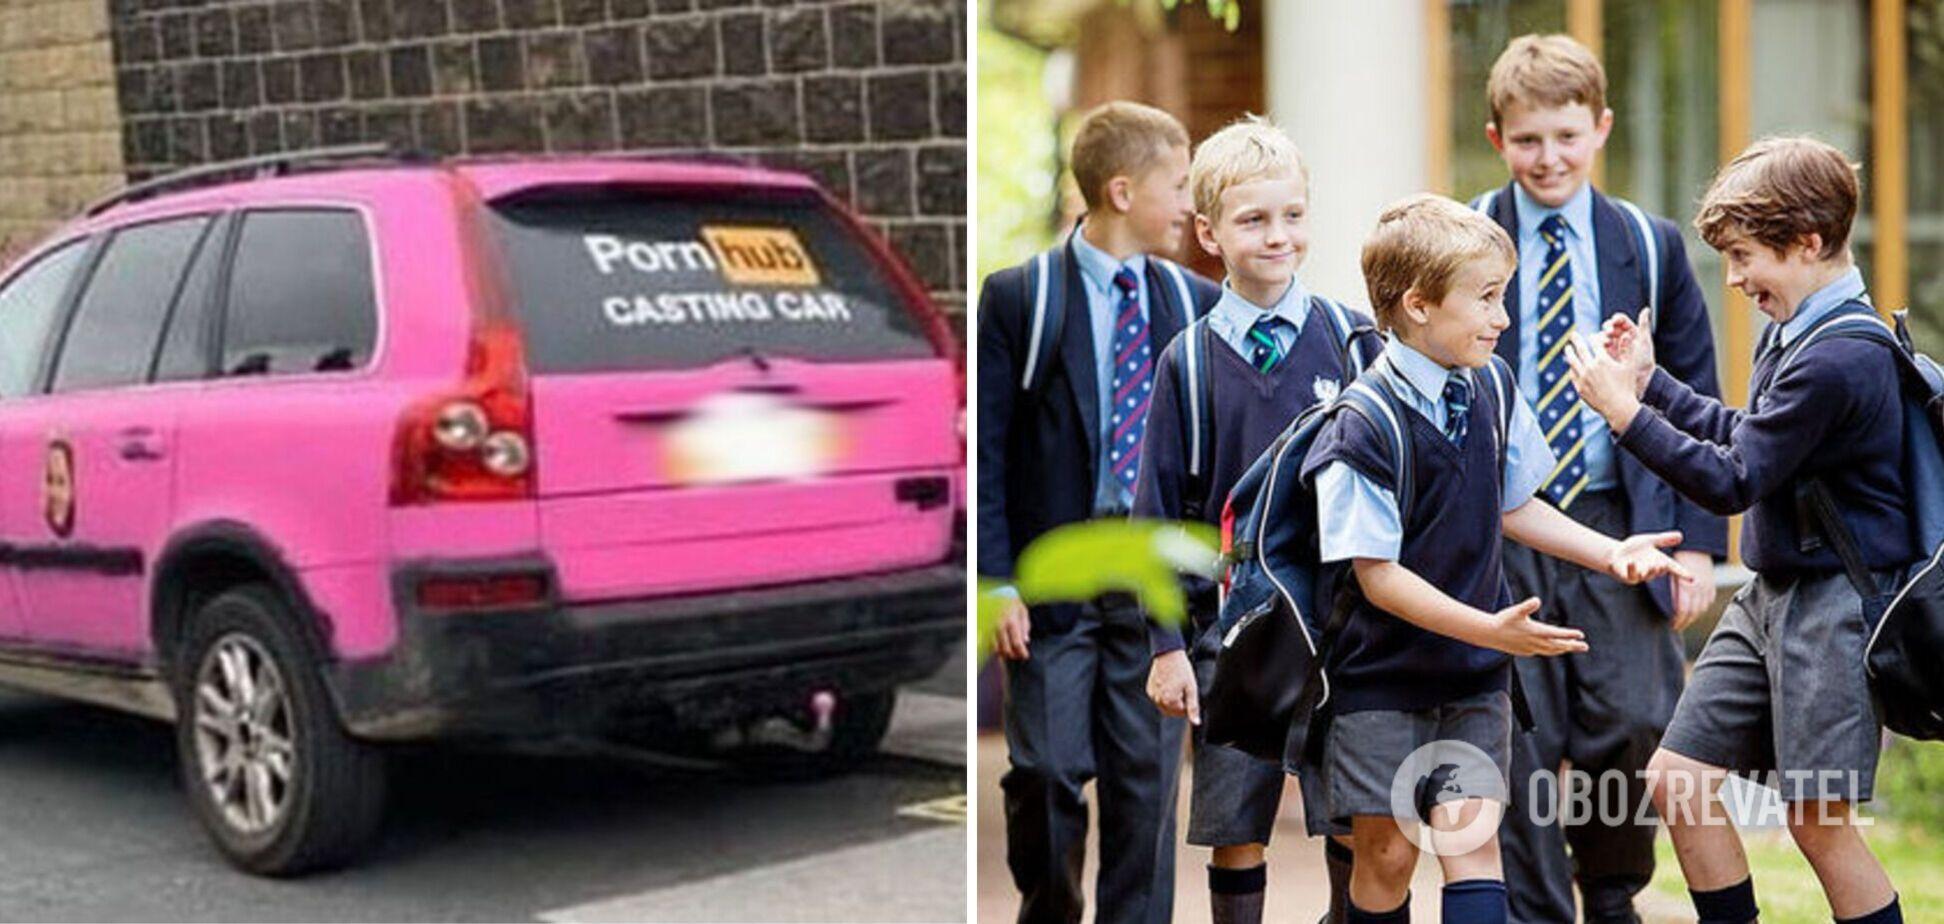 В Англии машины с логотипом PornHub припарковались под окнами начальной школы. Фото курьеза